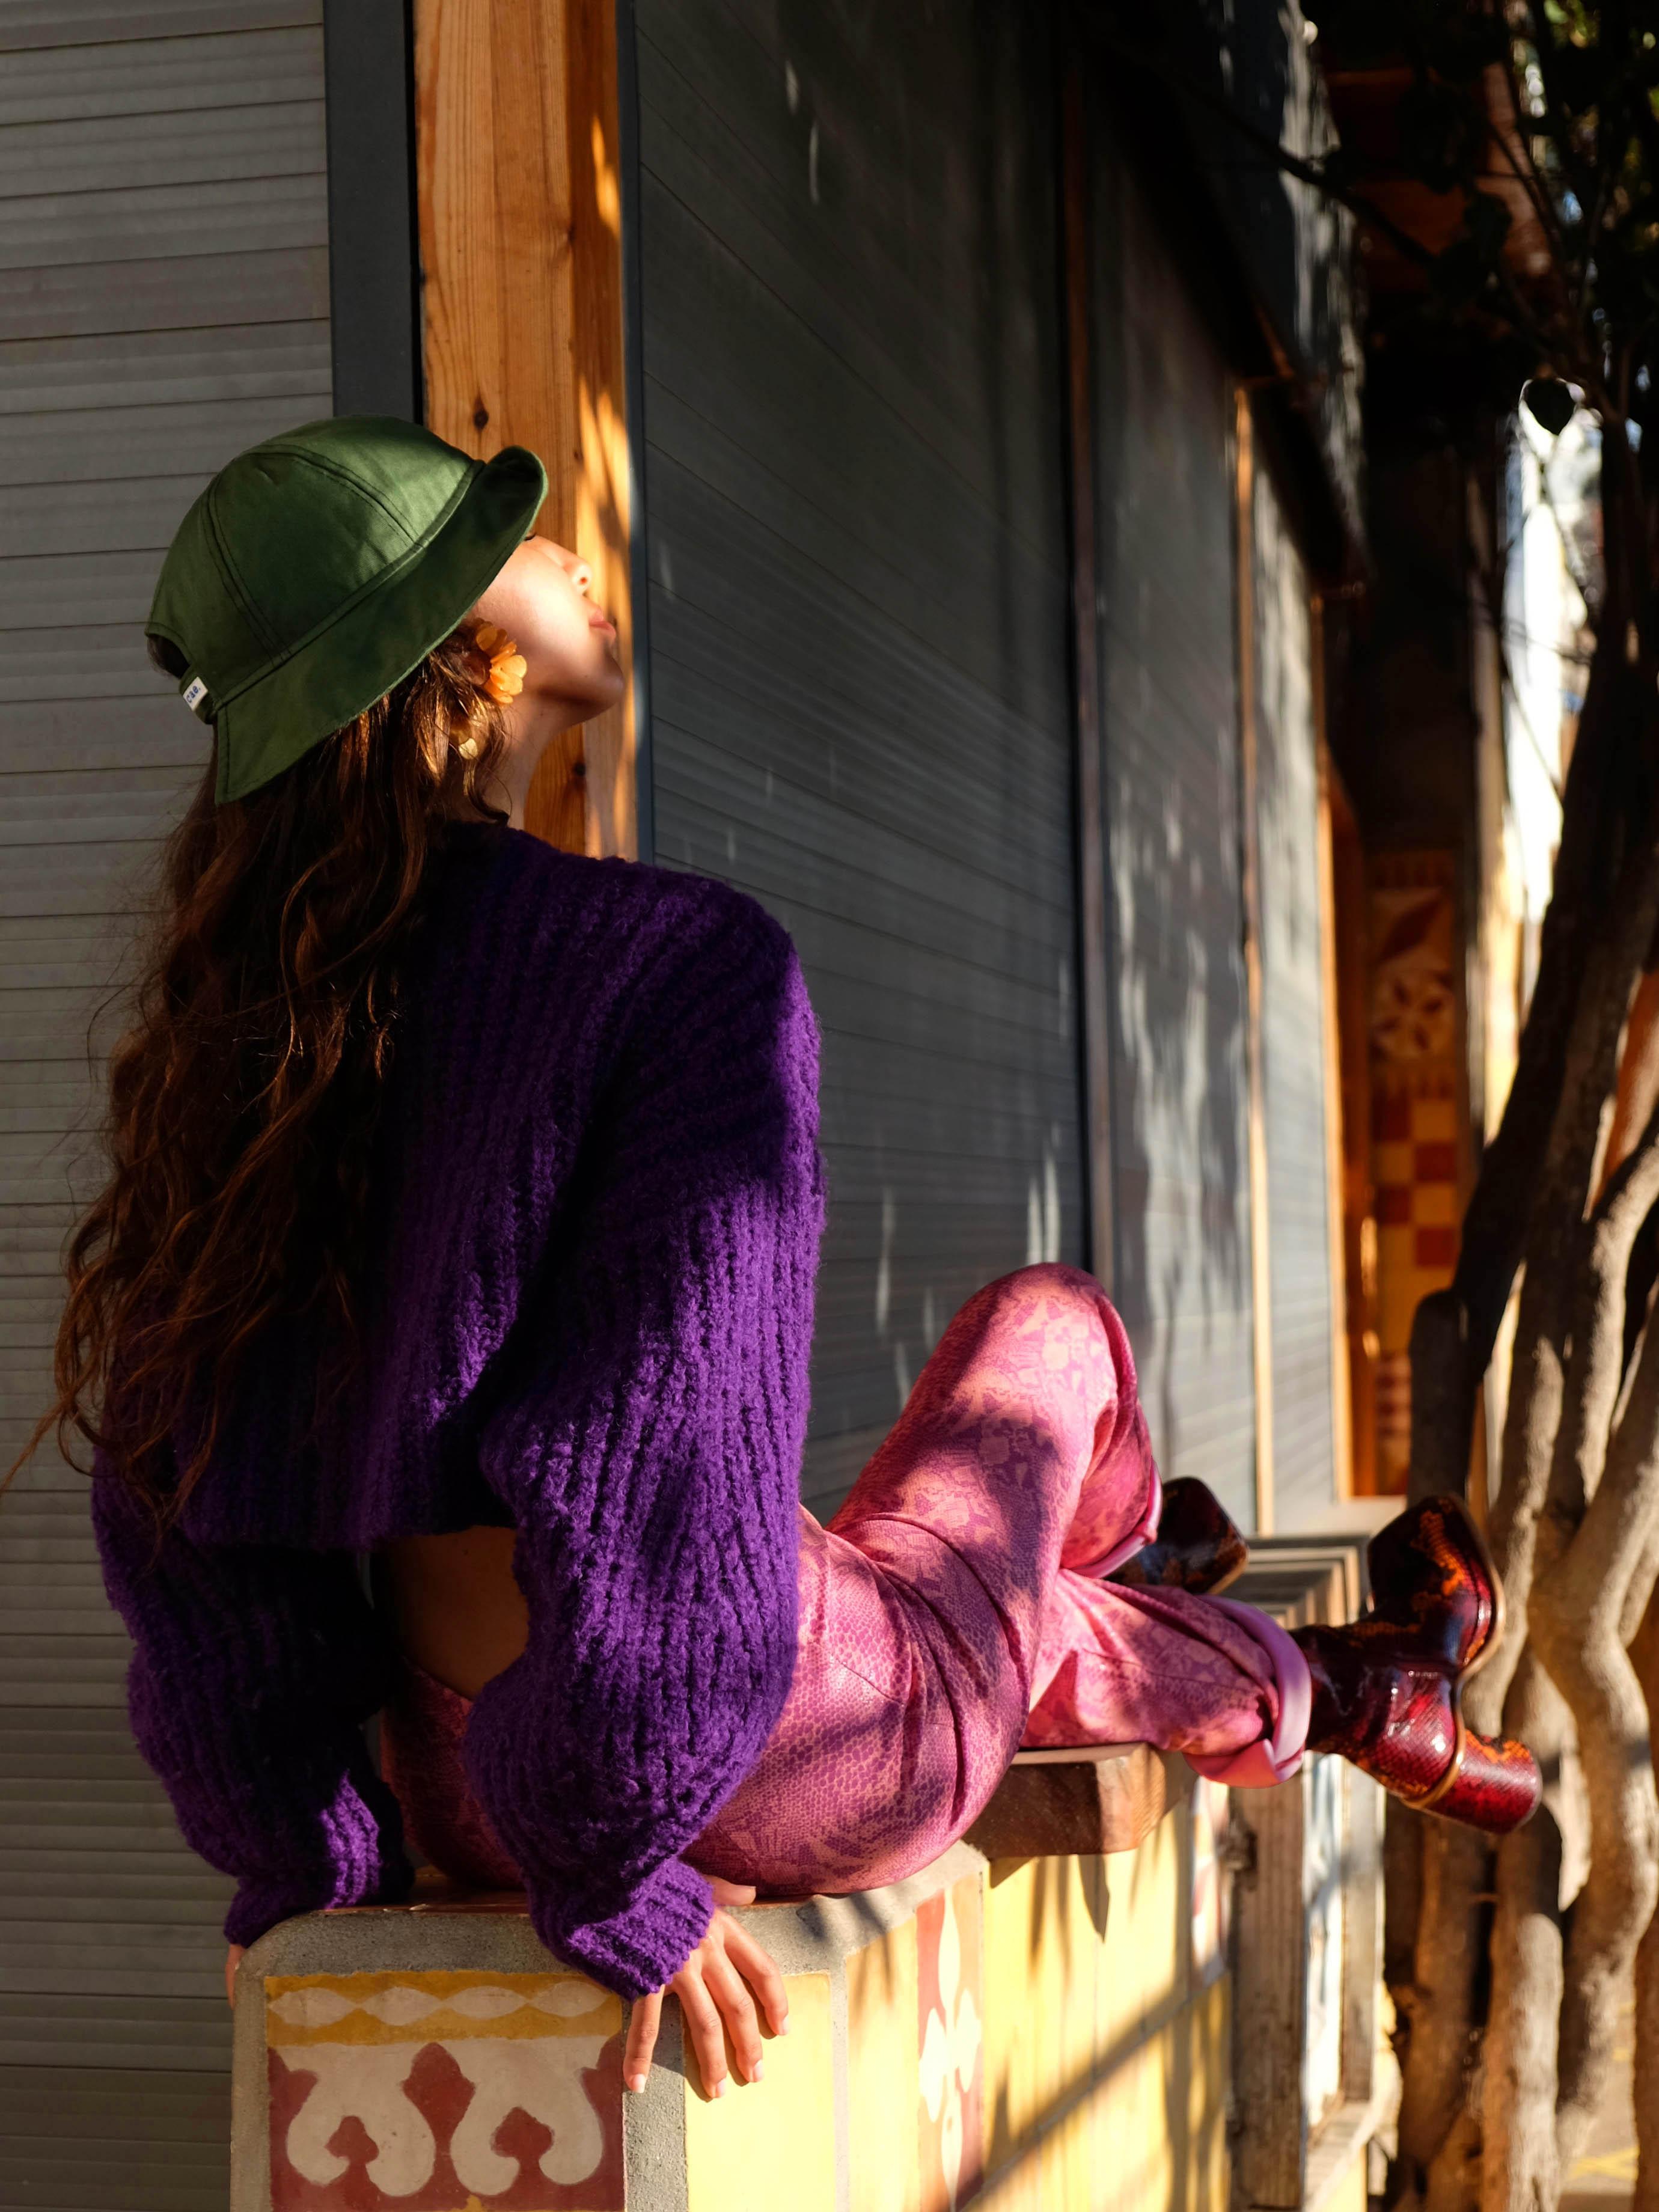 Modèle qui porte le produit Pull Violet Cropped et Oversize à Manches Bouffantes de la marque Isabel Marant